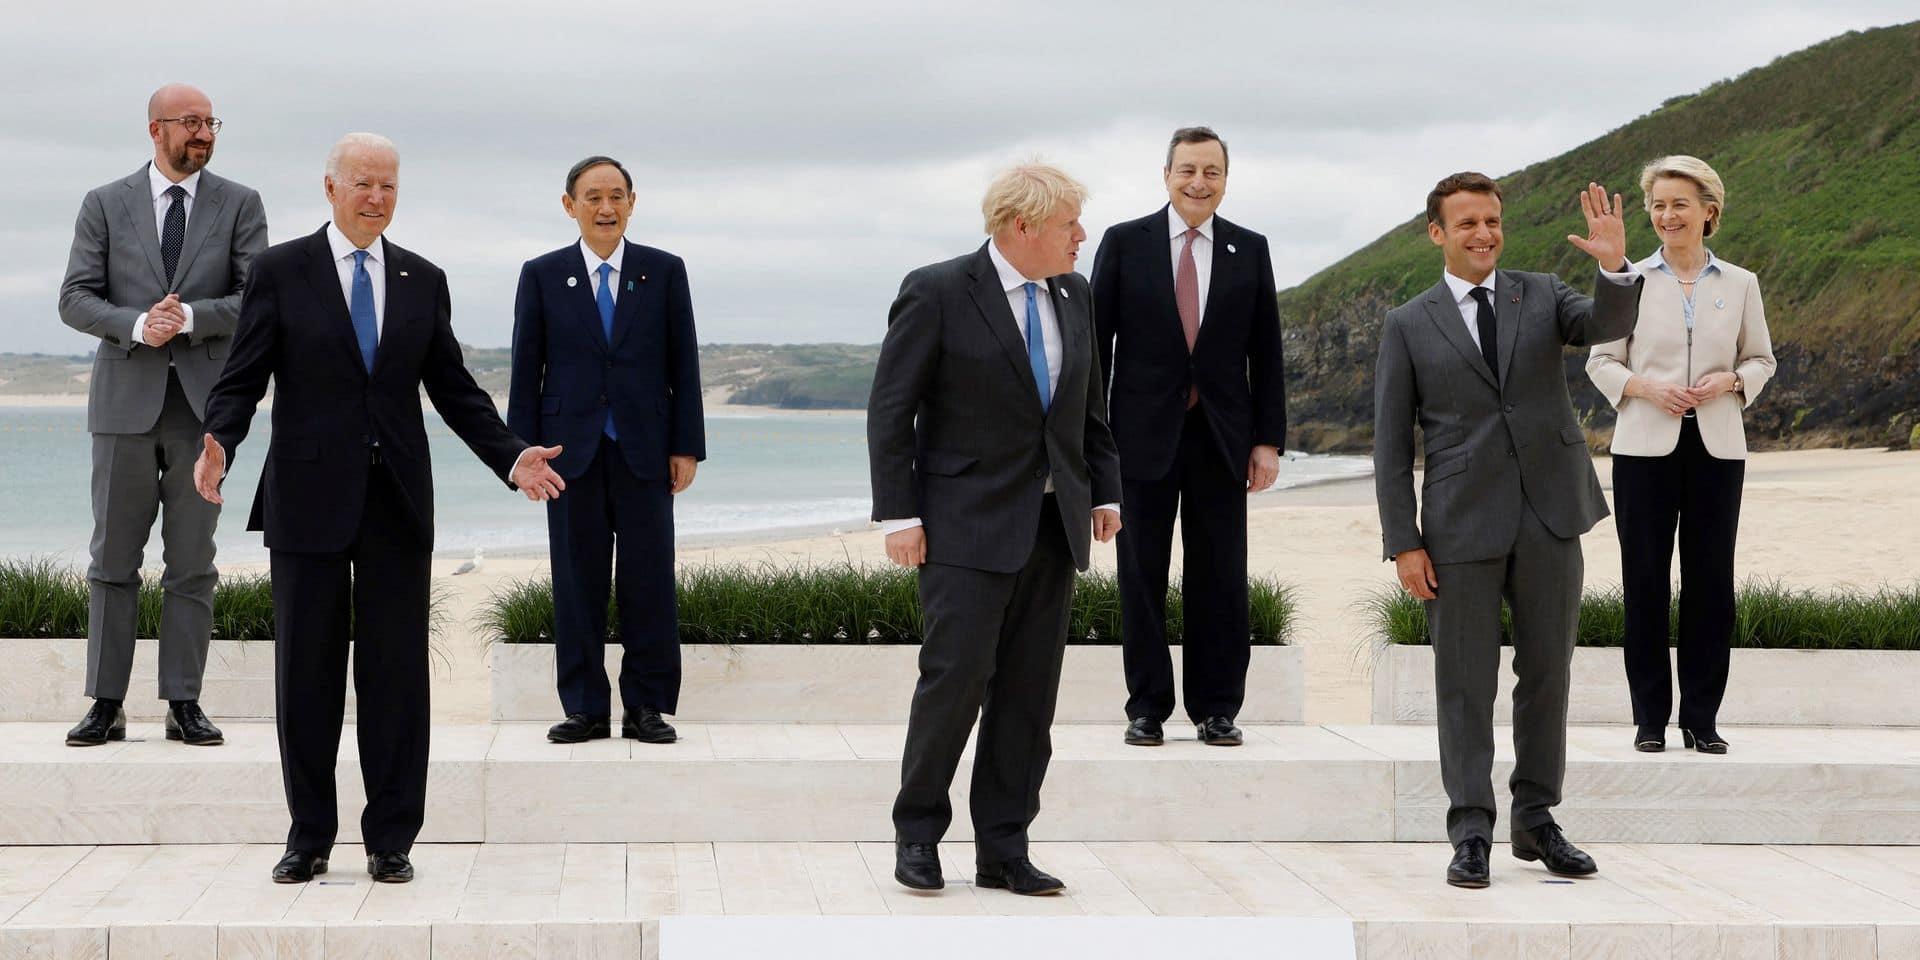 Le G7 a-t-il provoqué une explosion des contaminations au coronavirus dans les Cornouailles ?